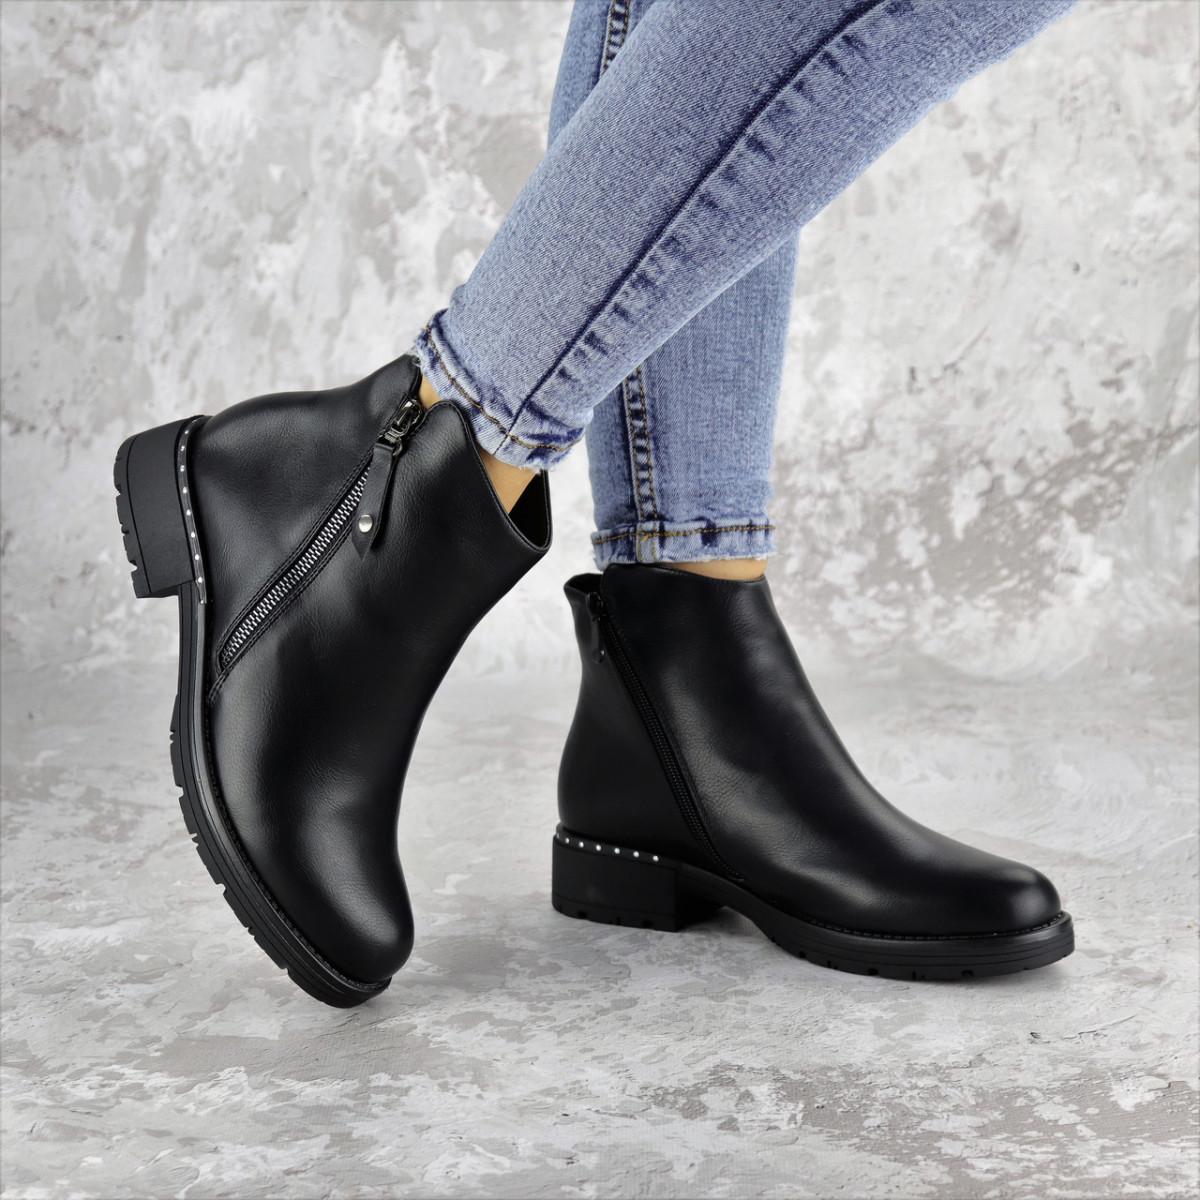 Ботинки женские зимние черные Jasper 2290 (38 размер)